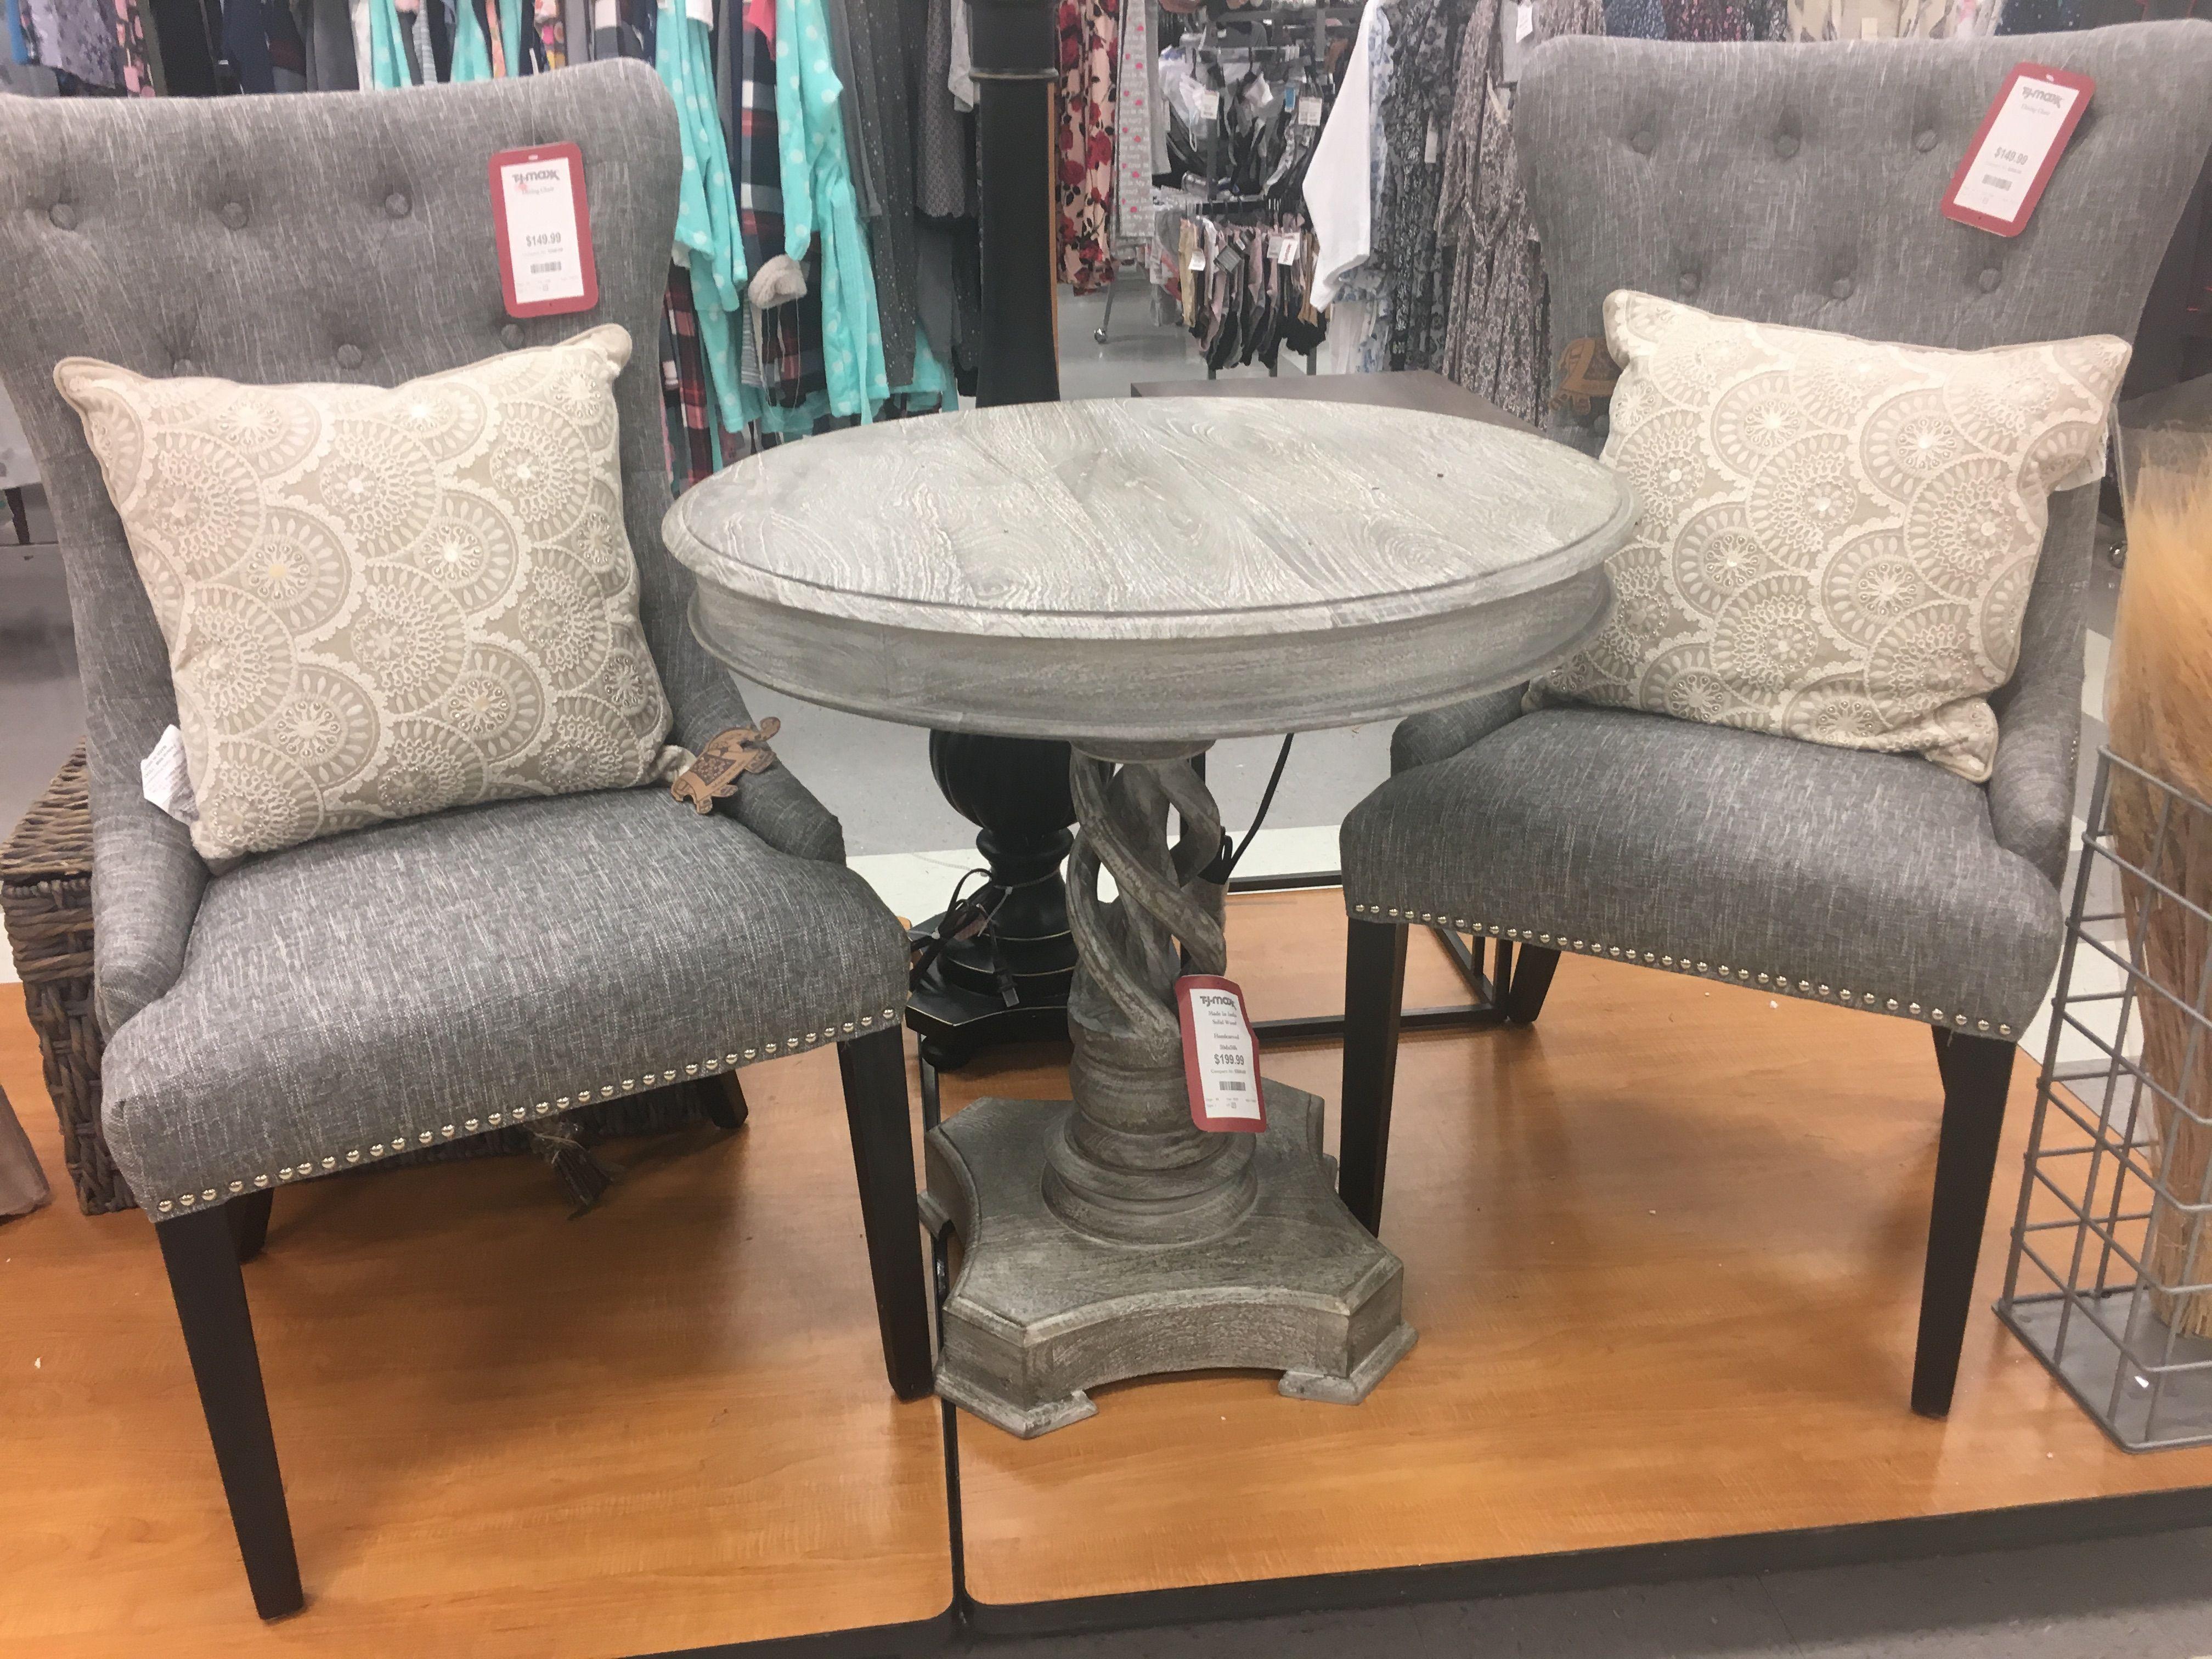 Einfache Dekoration Und Mobel Alte Stuehle Mit Hussen Aufhuebschen #25: Table And 2 Chairs - TJ Maxx